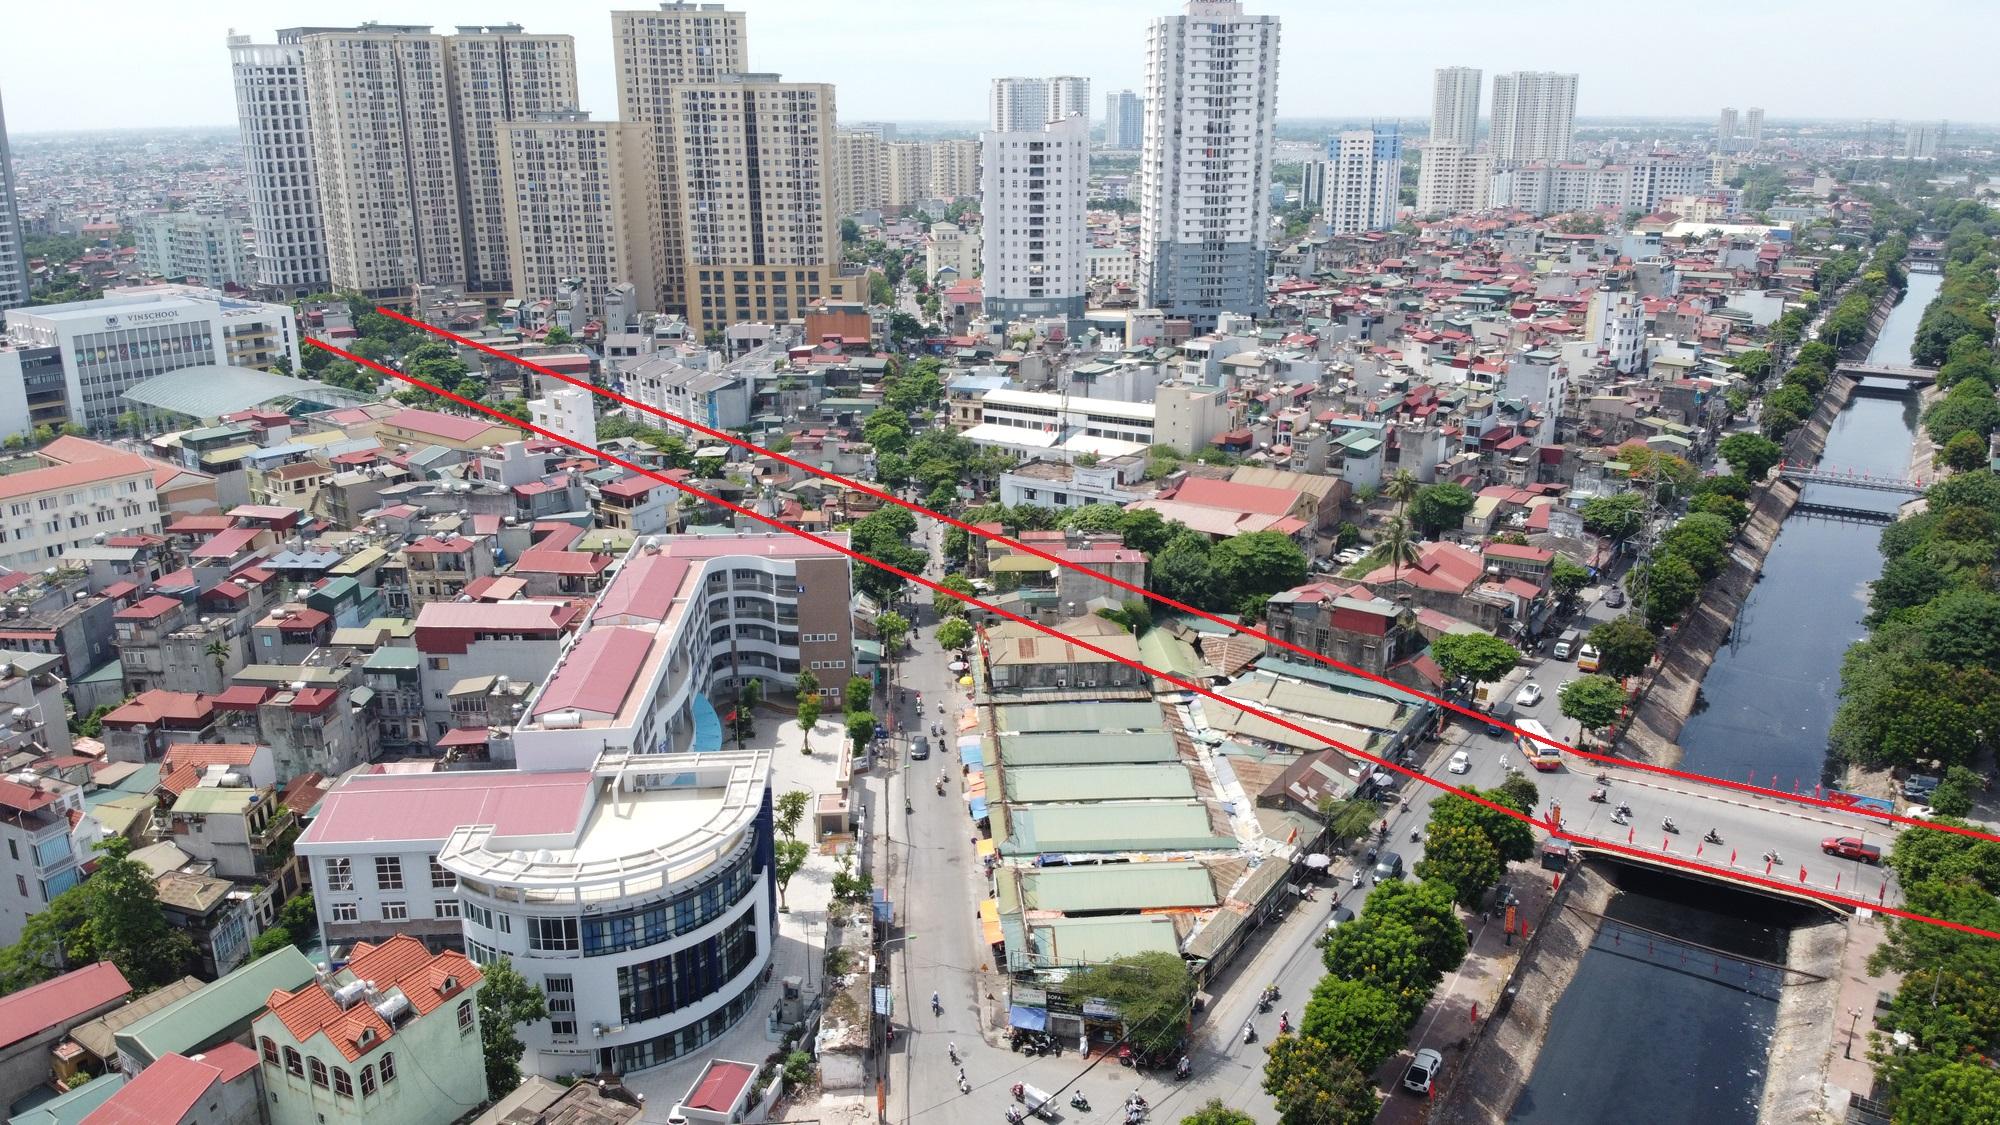 Ba đường sẽ mở theo qui hoạch ở phường Mai Động, Hoàng Mai, Hà Nội - Ảnh 4.